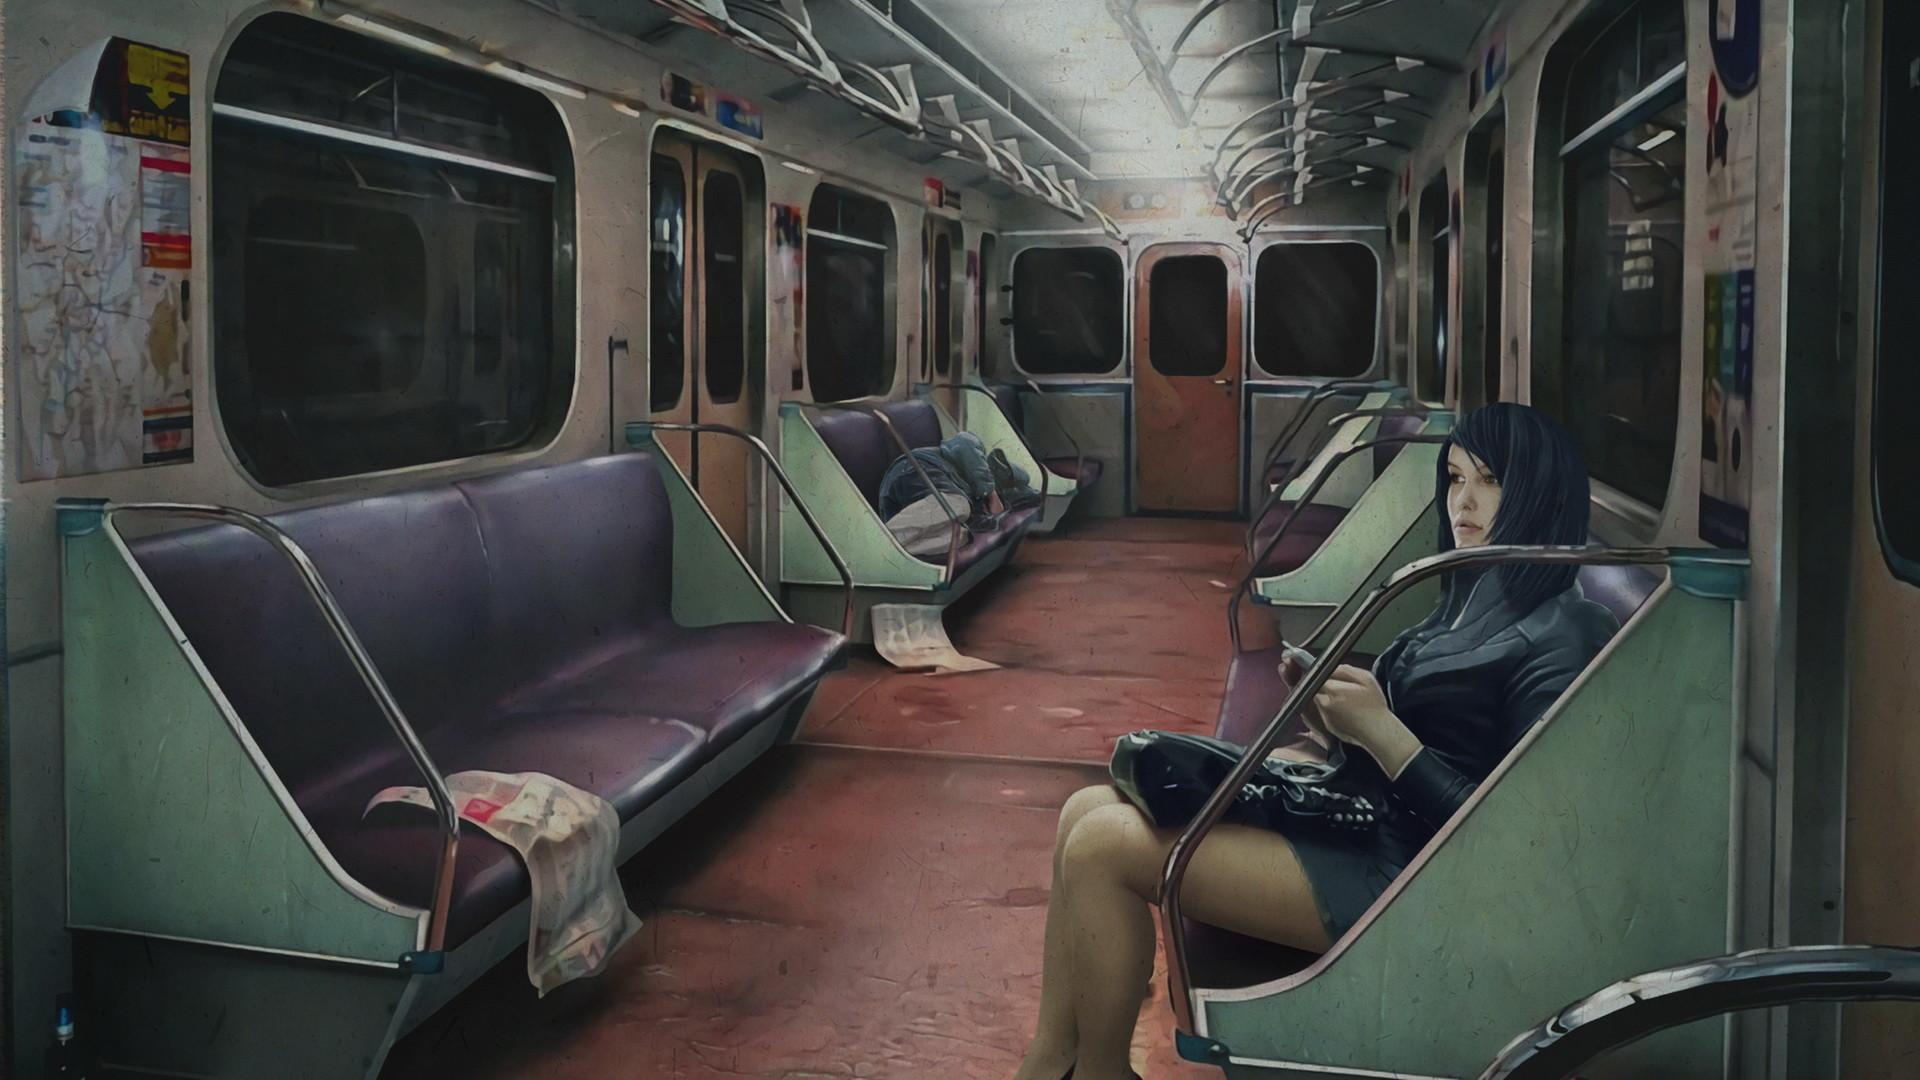 Scene 3 - Train interior